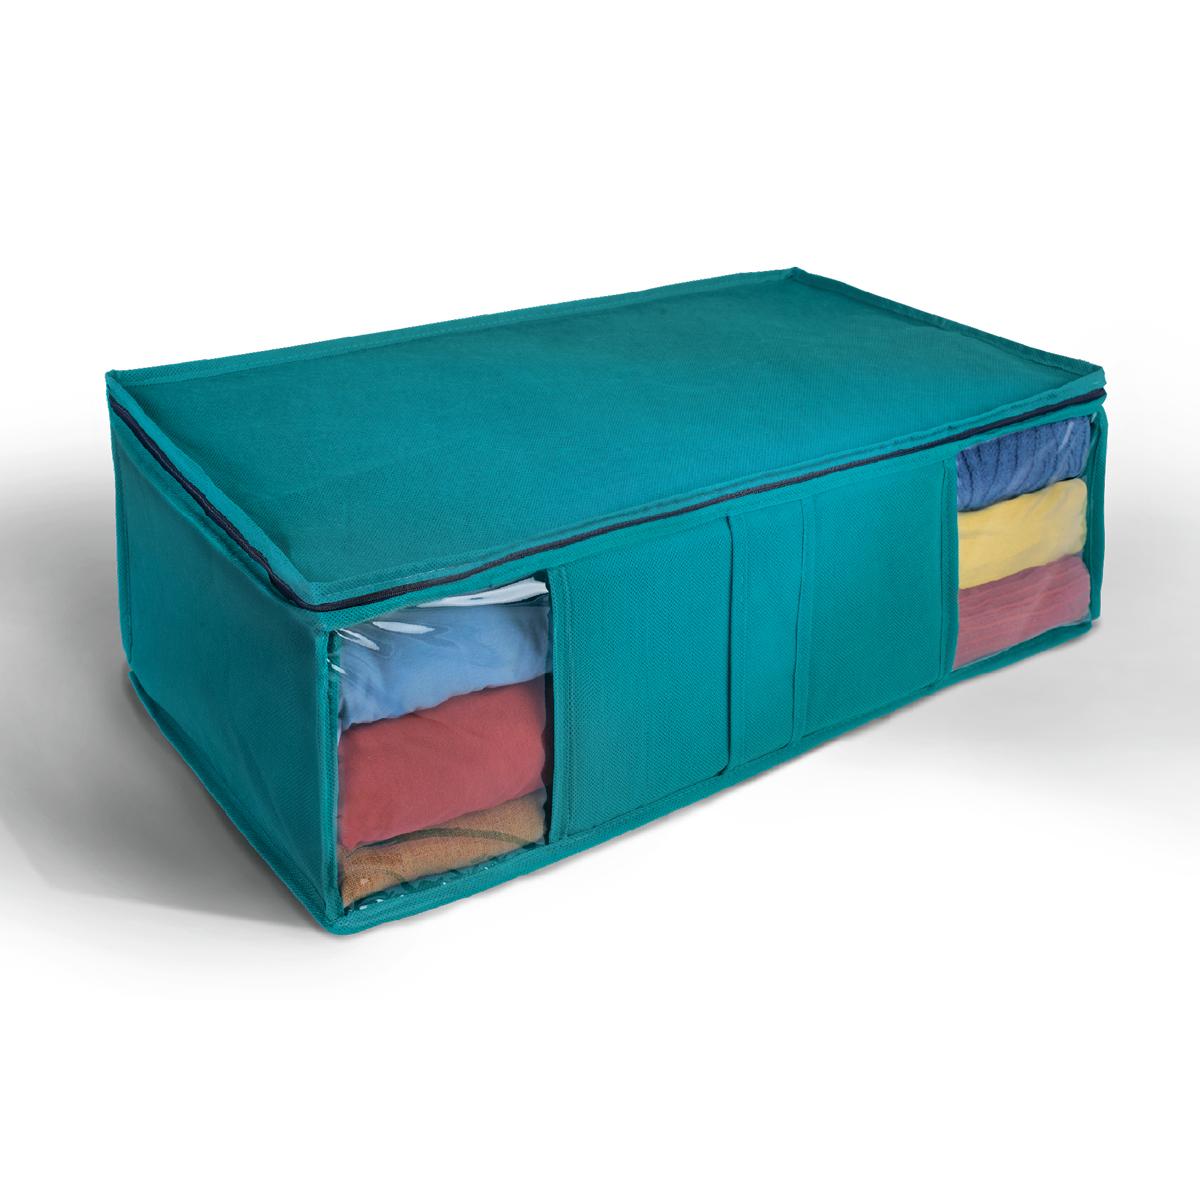 Кофр для хранения Miolla, цвет: синий, 60 х 30 х 20 см. CHL-10-112723Ящик текстильный для хранения вещей 60 x 30 x 20 см синий